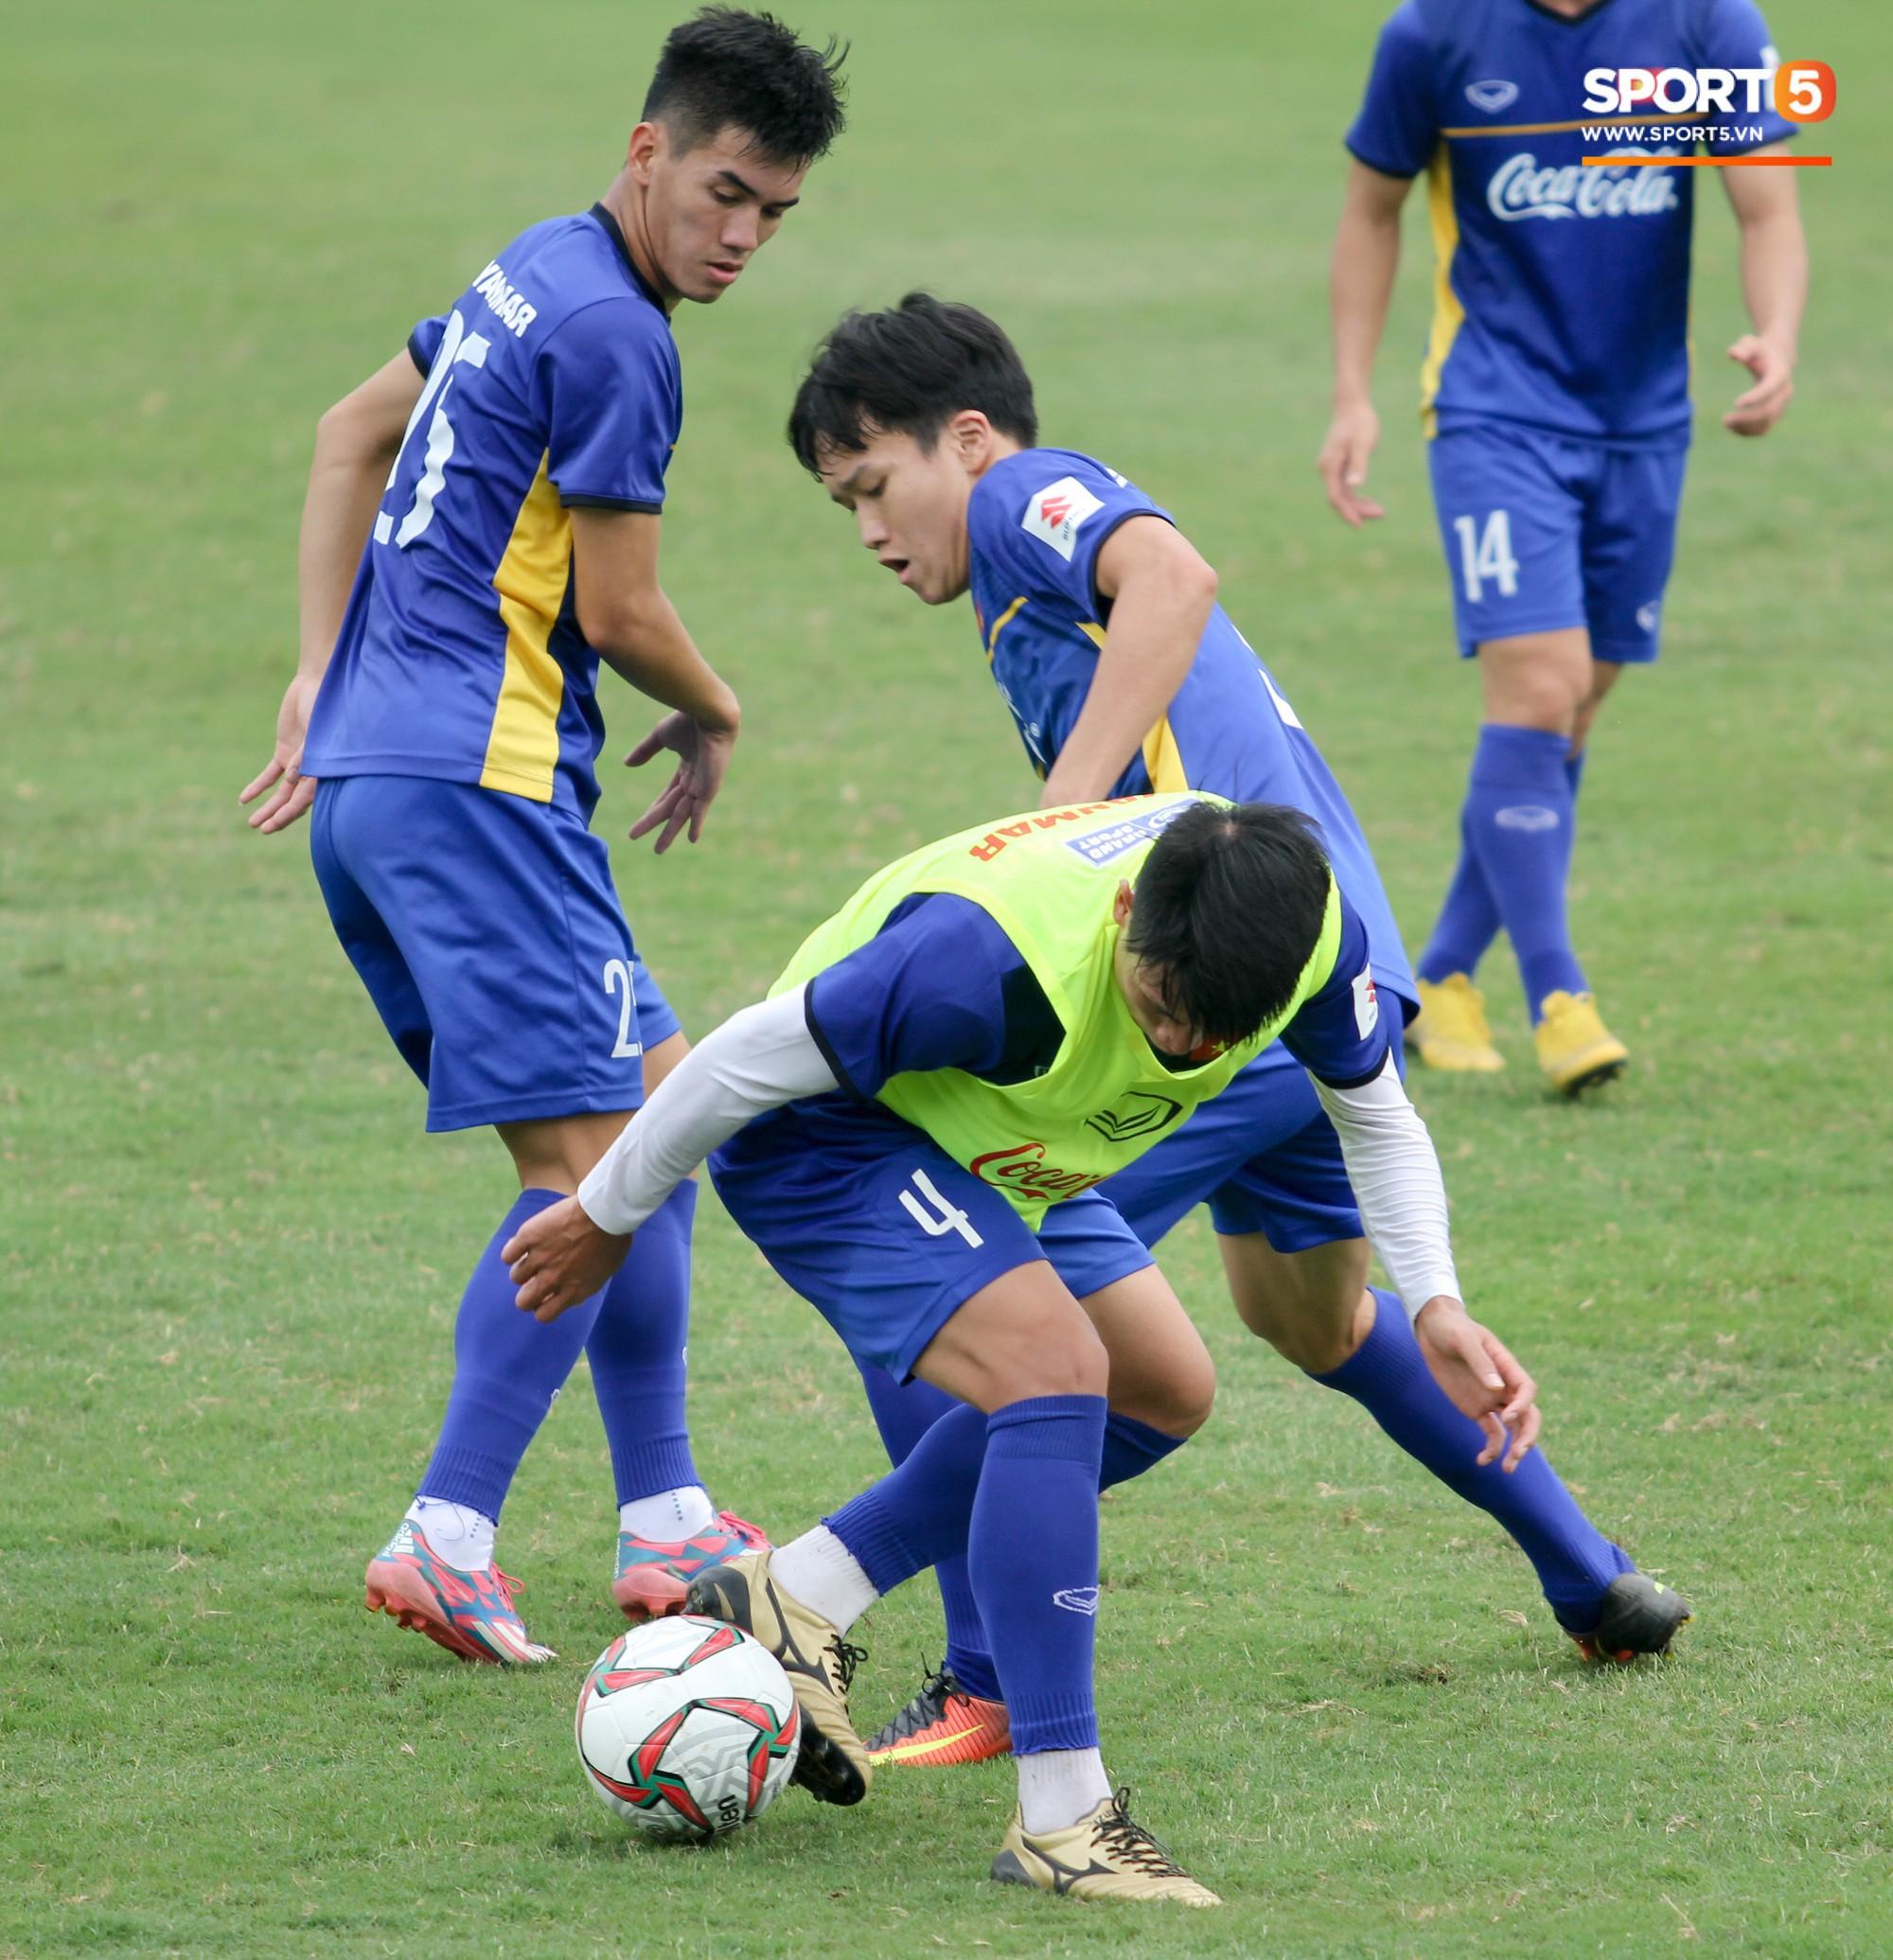 Chân dung Nguyễn Hoàng Đức: Anh bộ đội ghi bàn giúp U23 Việt Nam đè bẹp Thái Lan  - Ảnh 6.